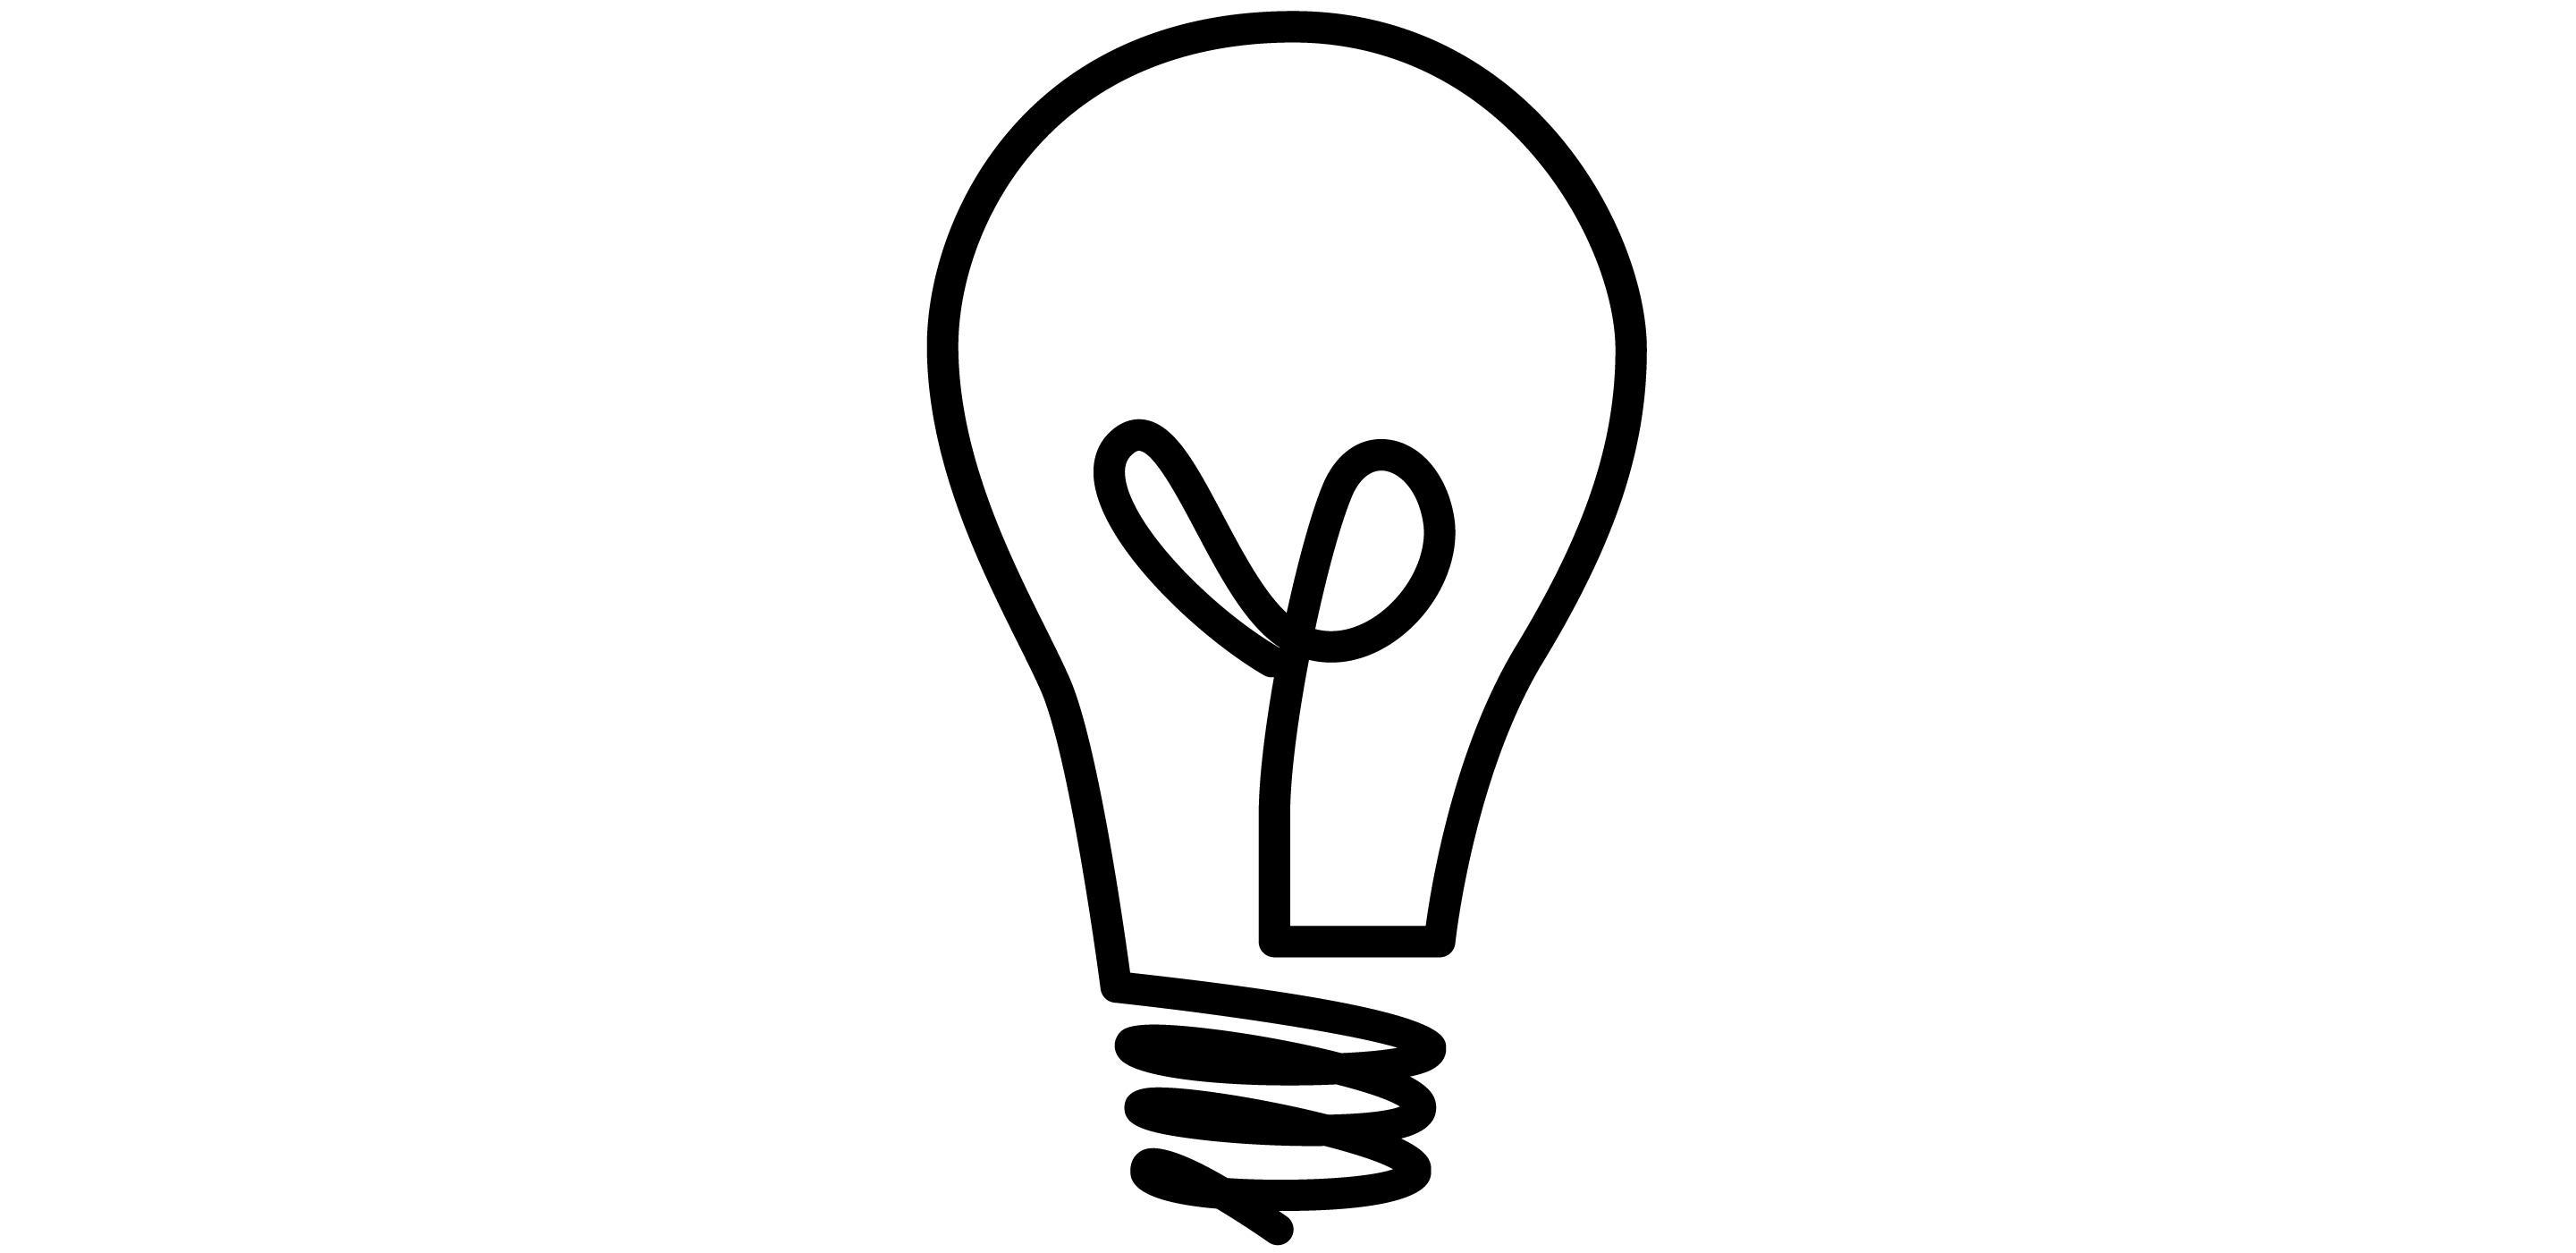 Light Bulb Outline